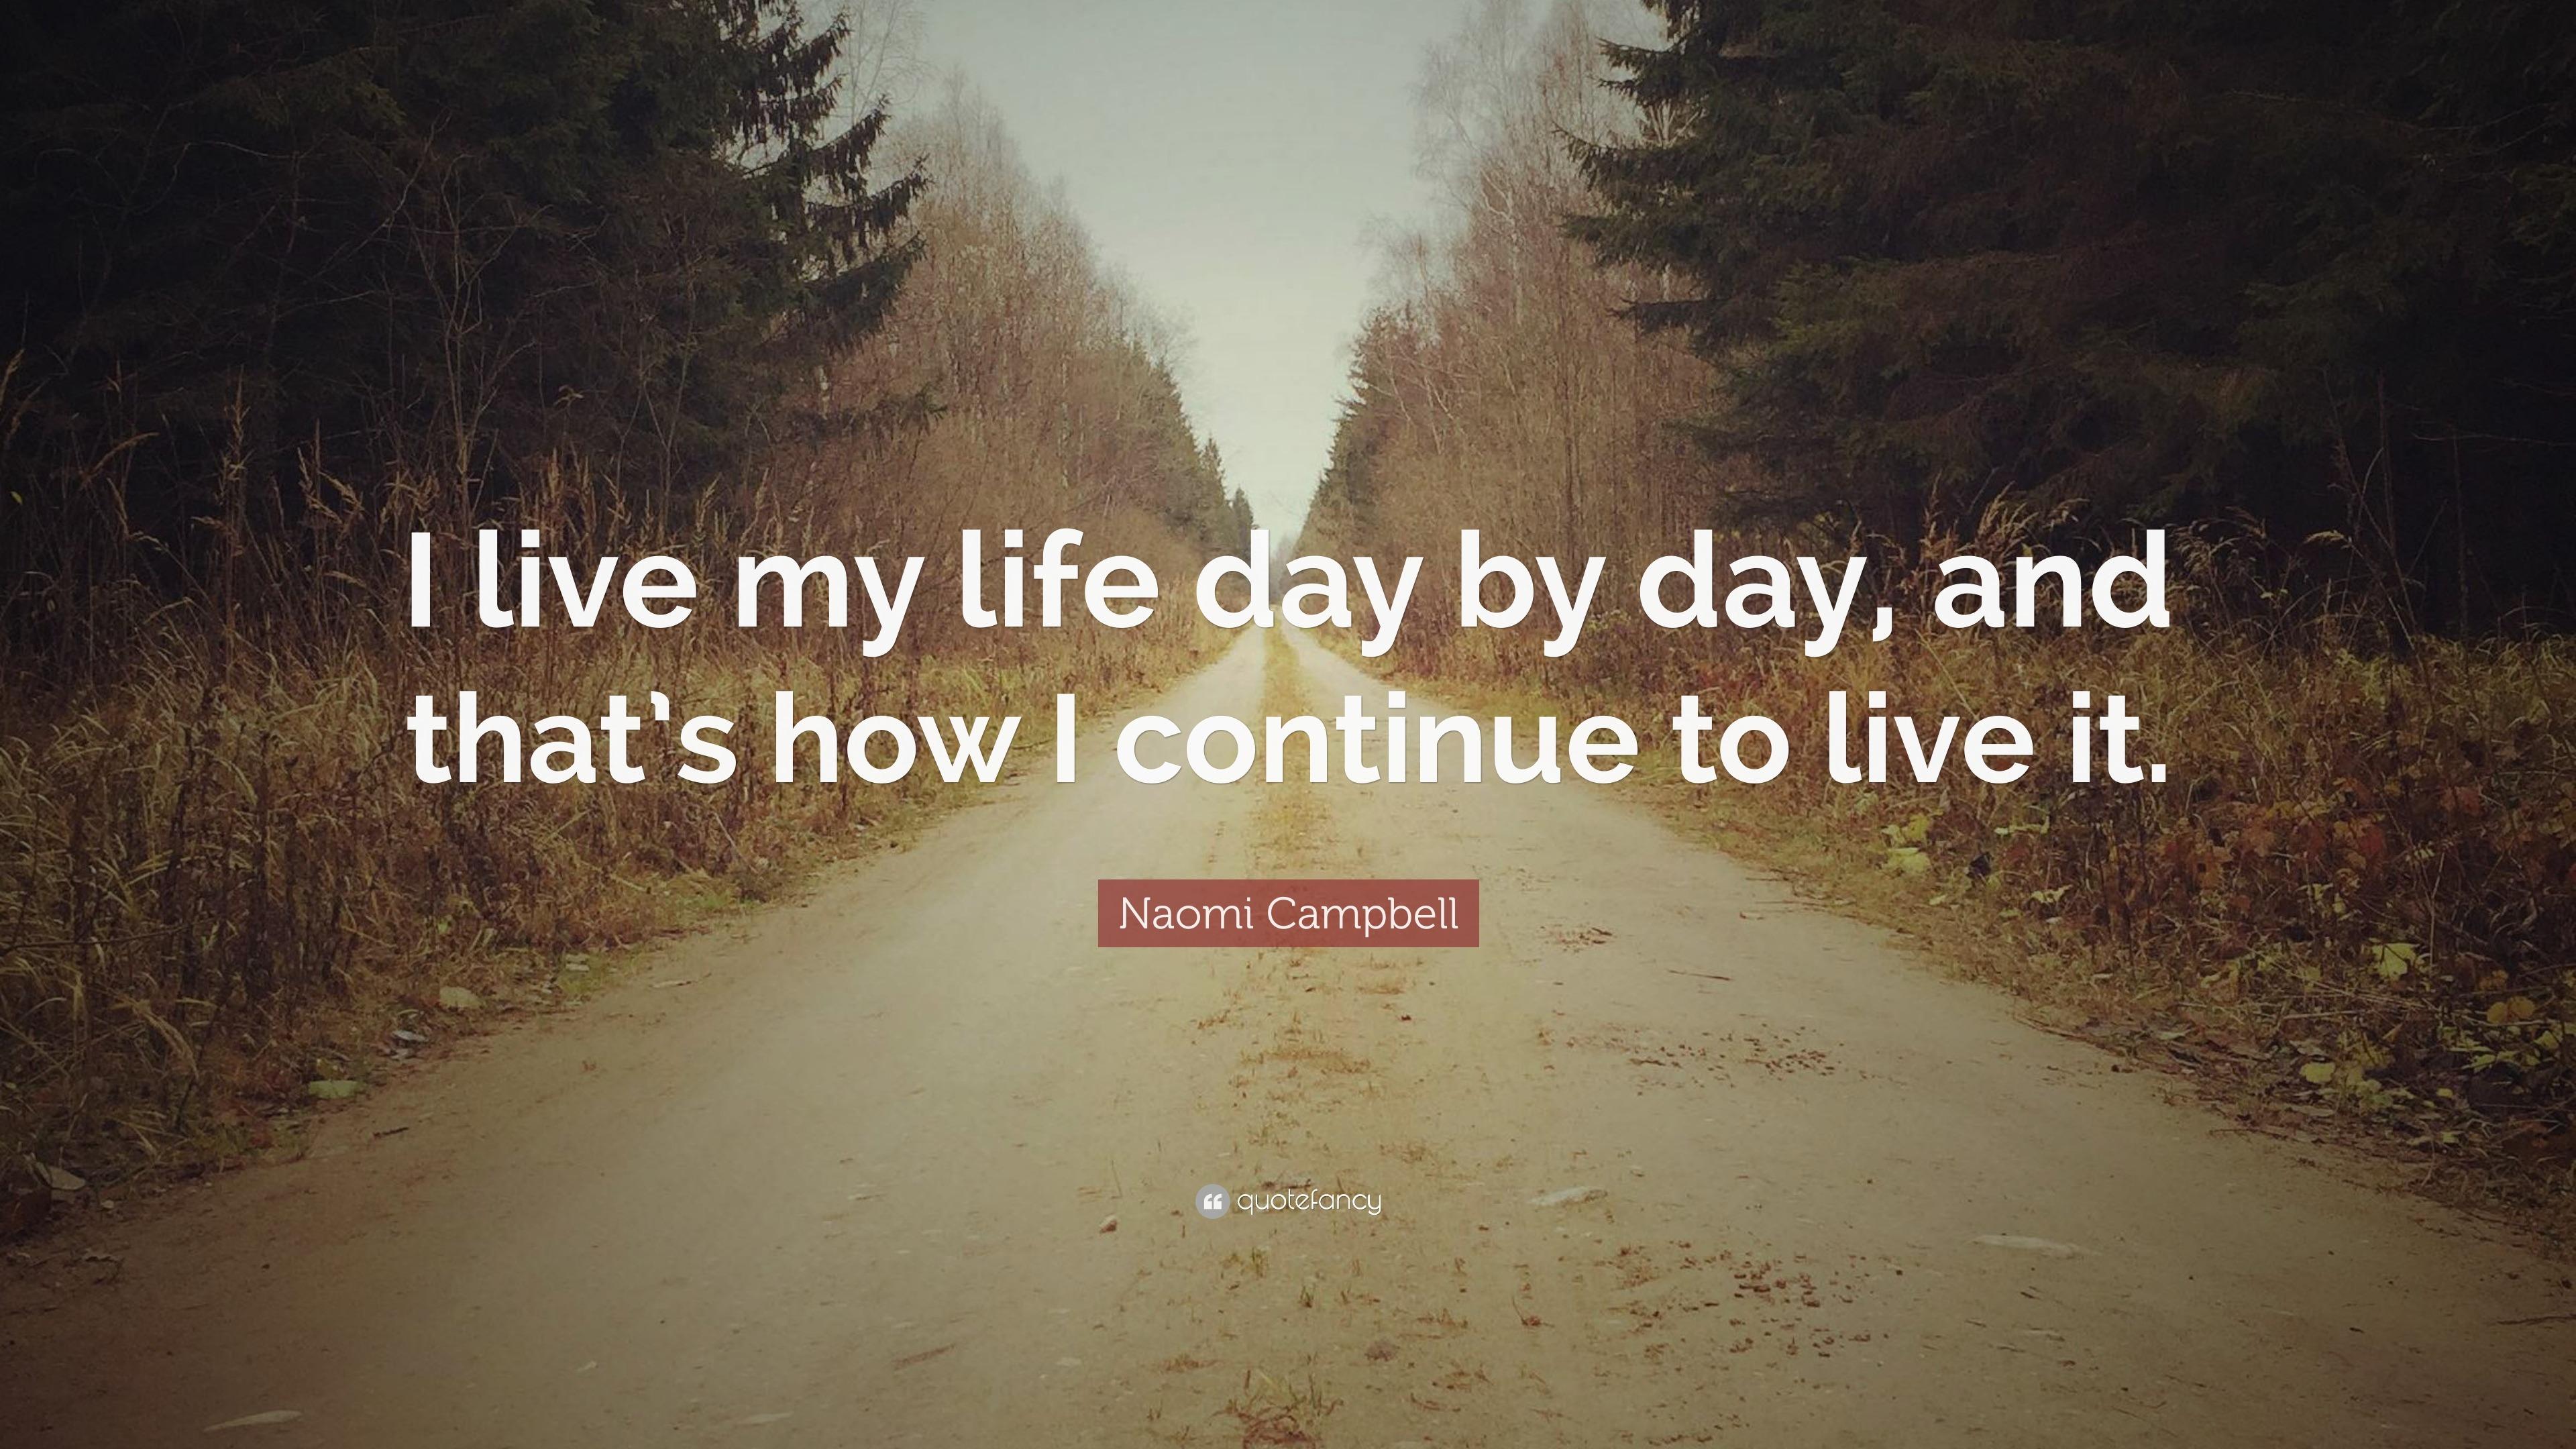 How do I continue to live